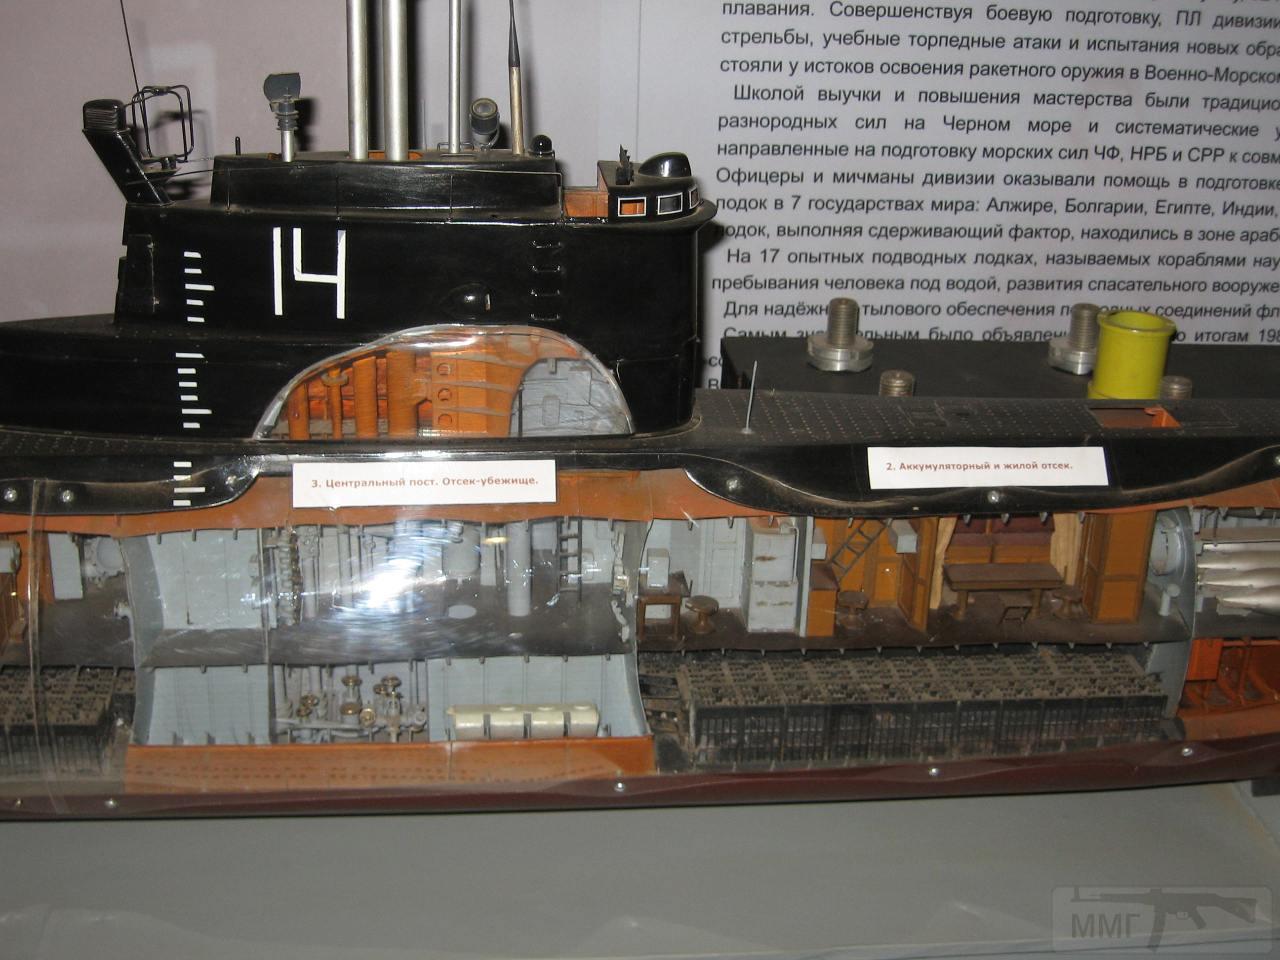 10997 - Немецкая артиллерия Севастополь 2011